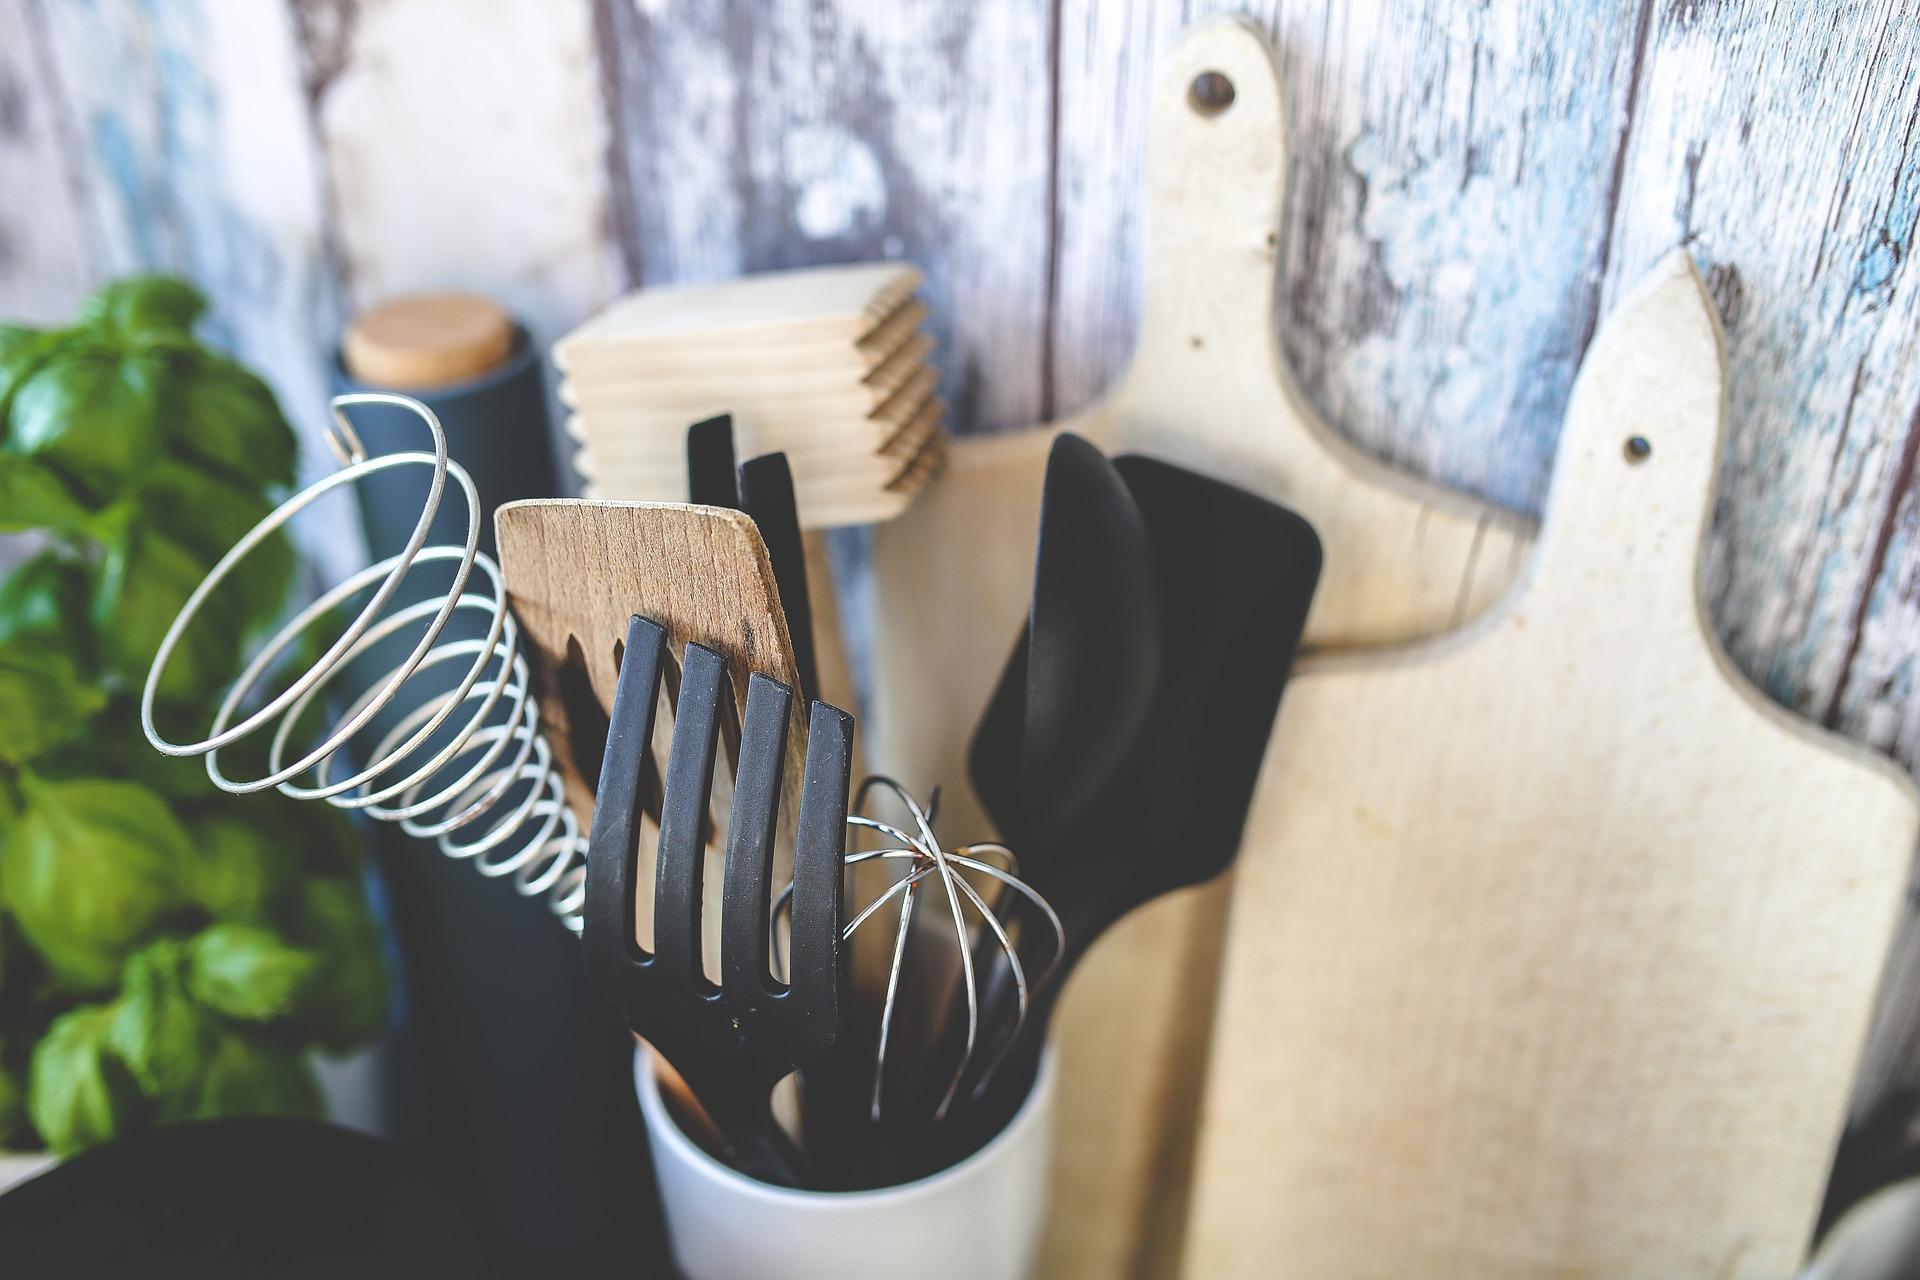 O szkodliwej dla zdrowia chochli i innych akcesoriach kuchennych